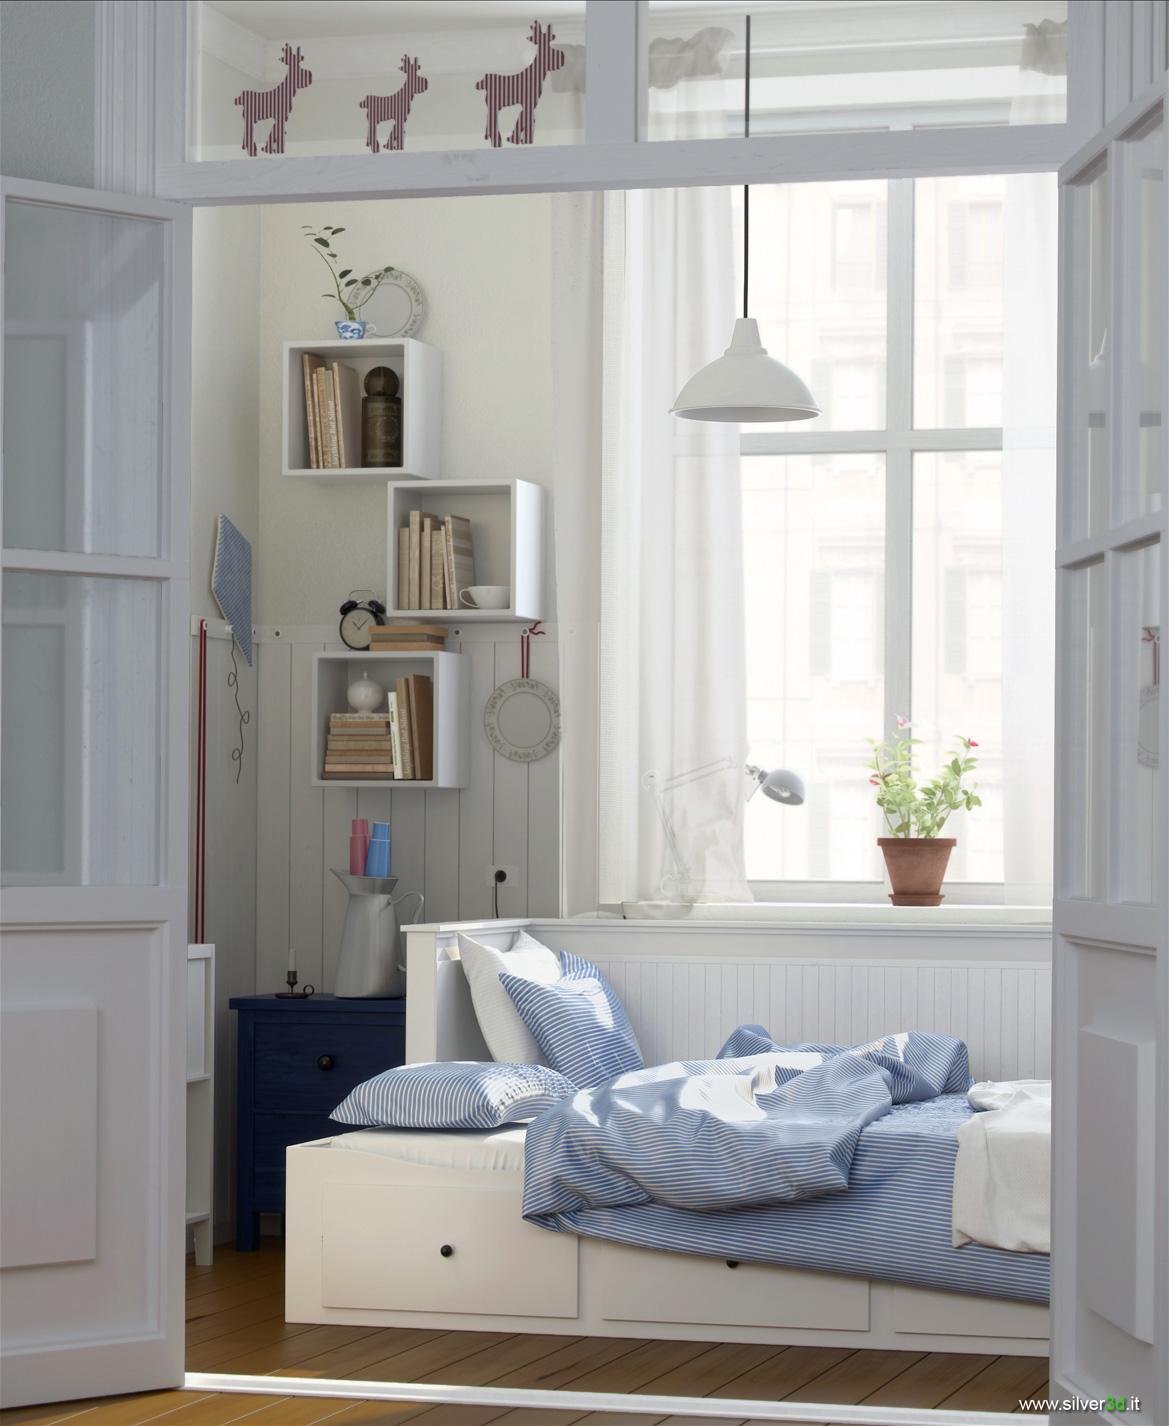 bedroom_ikea_style